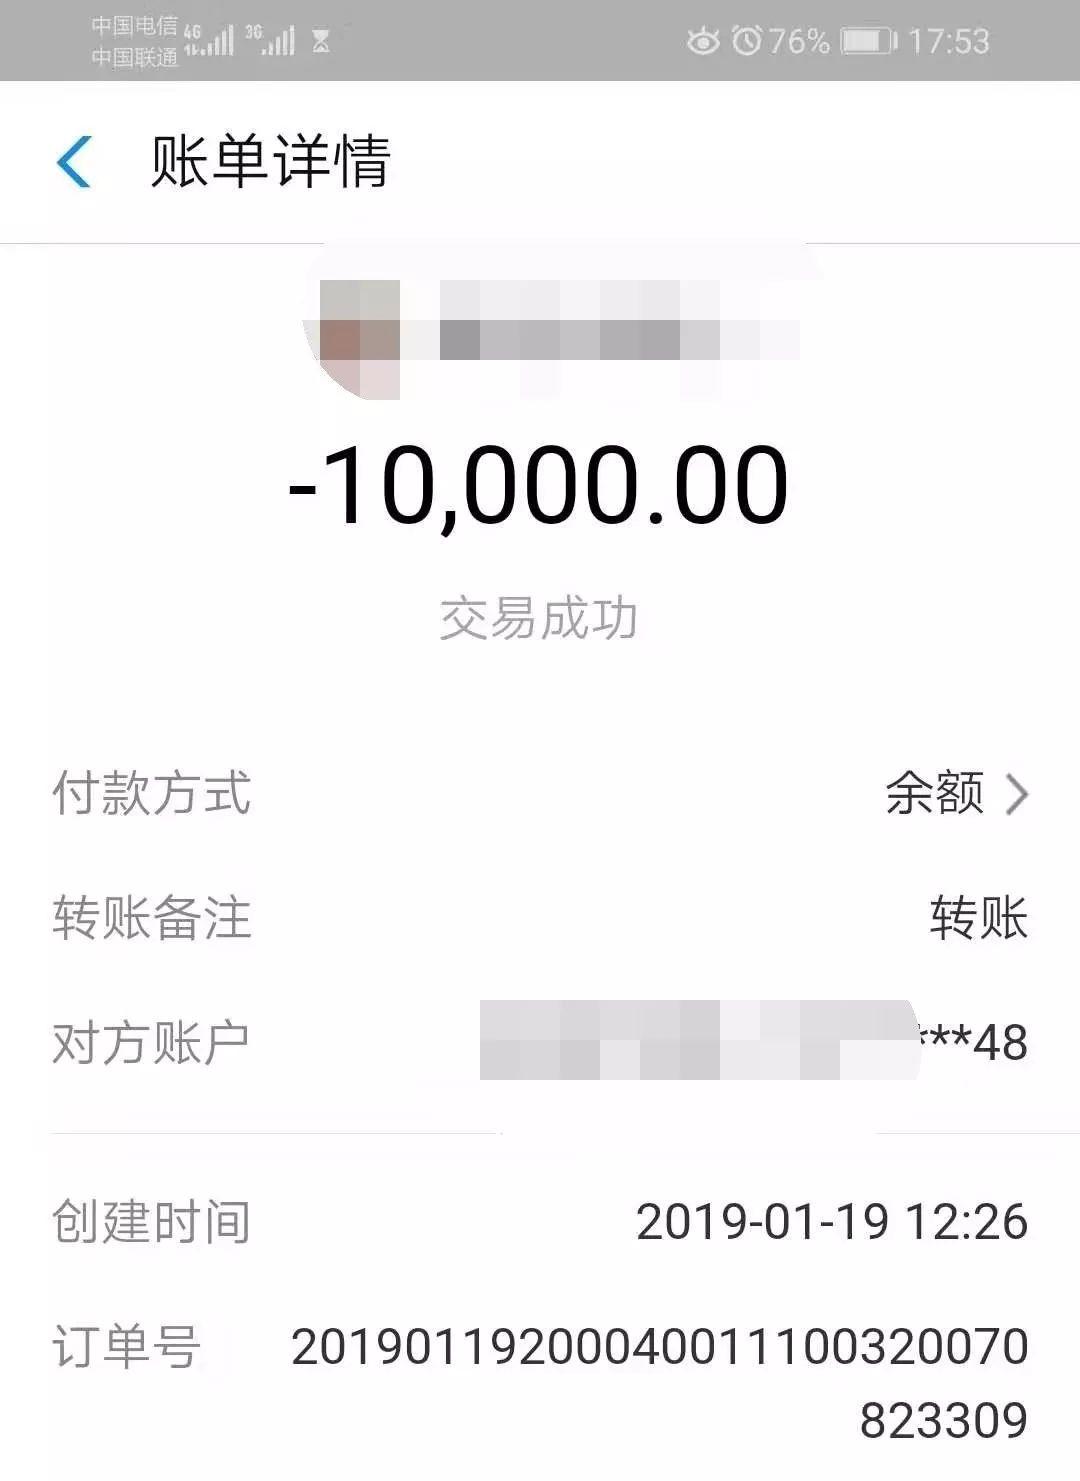 「新2开户哪家可以全天玩」黑龙江省近日将出现局地性暴雨 这个周末要泡汤